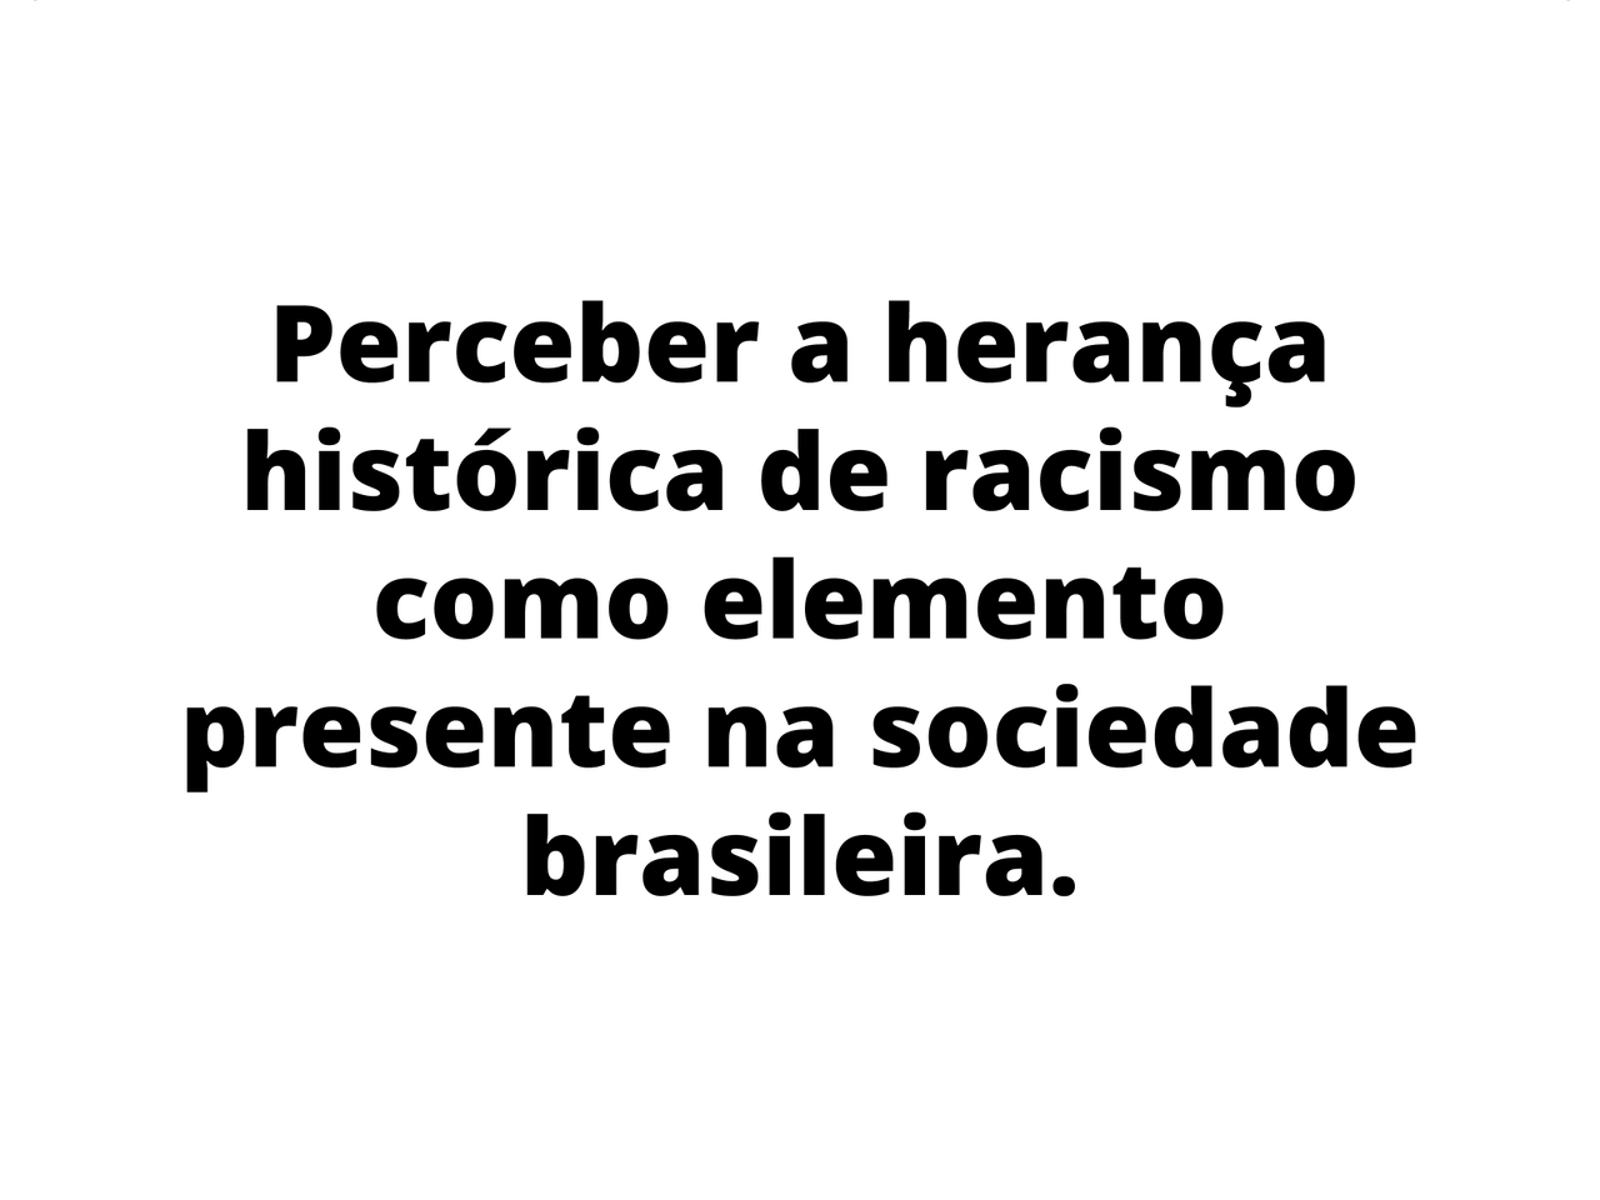 Racismo no Brasil: herança maldita